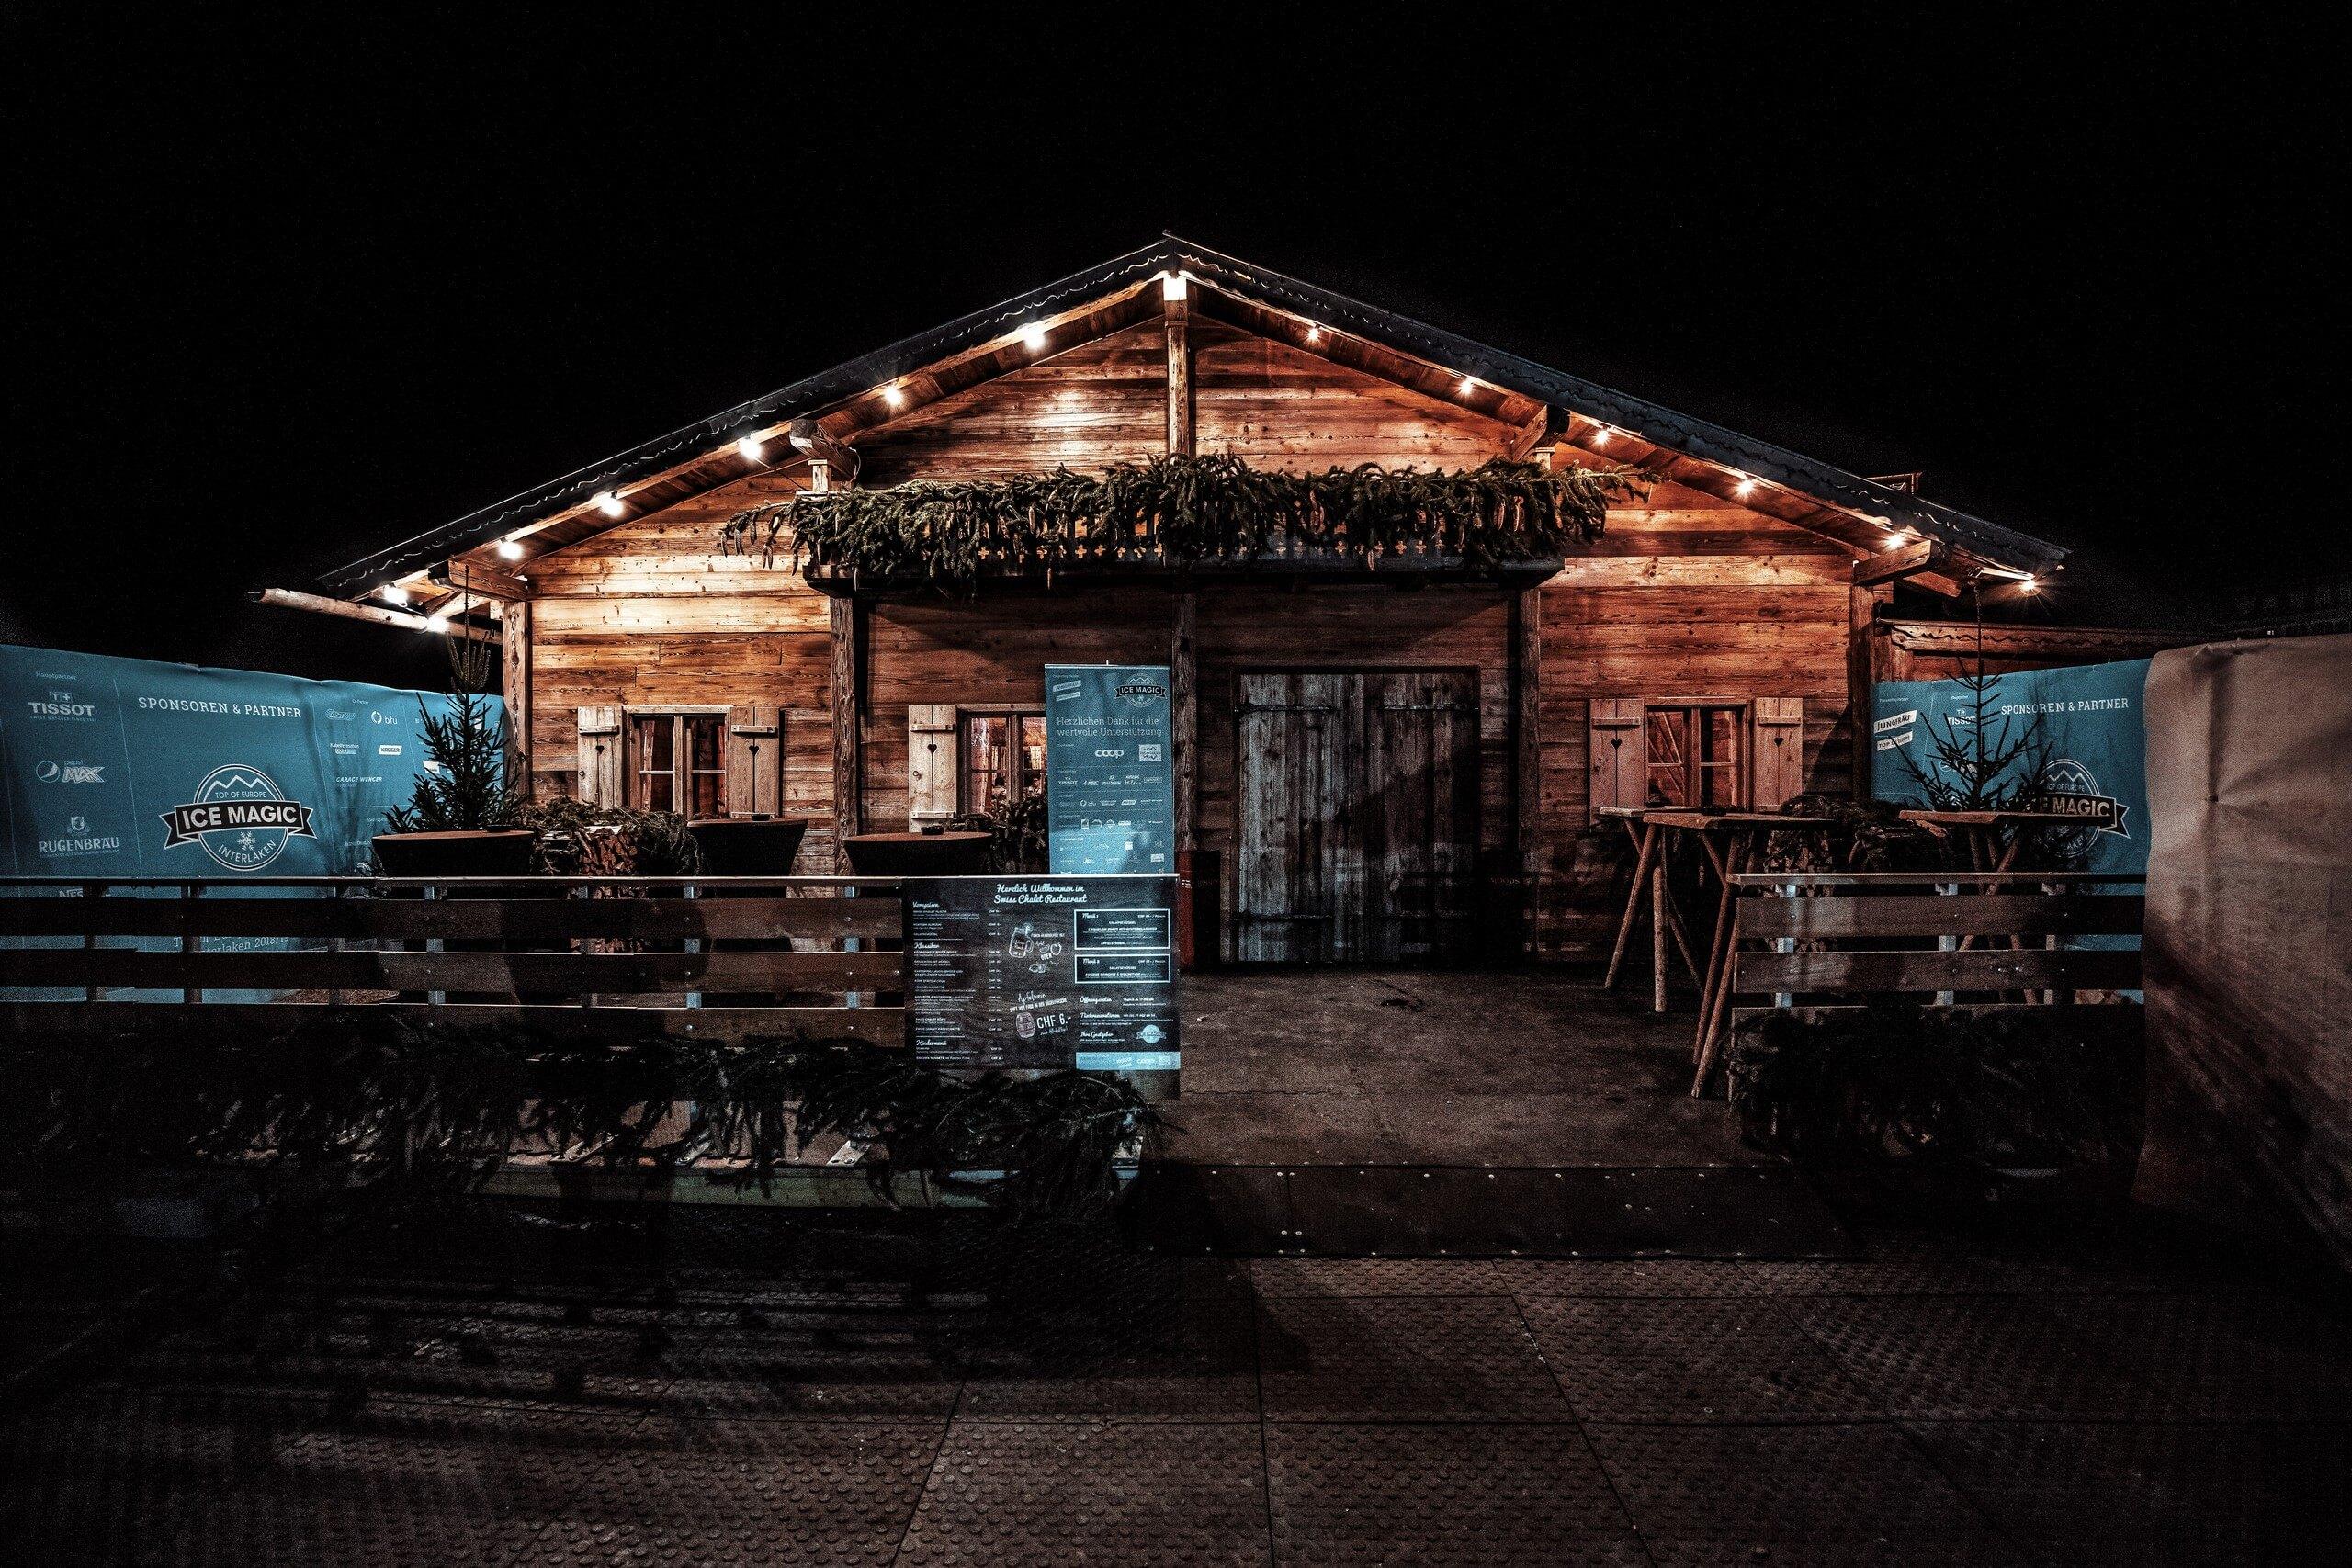 ice-magic-interlaken-swiss-chalet-restaurant-aussen.jpg